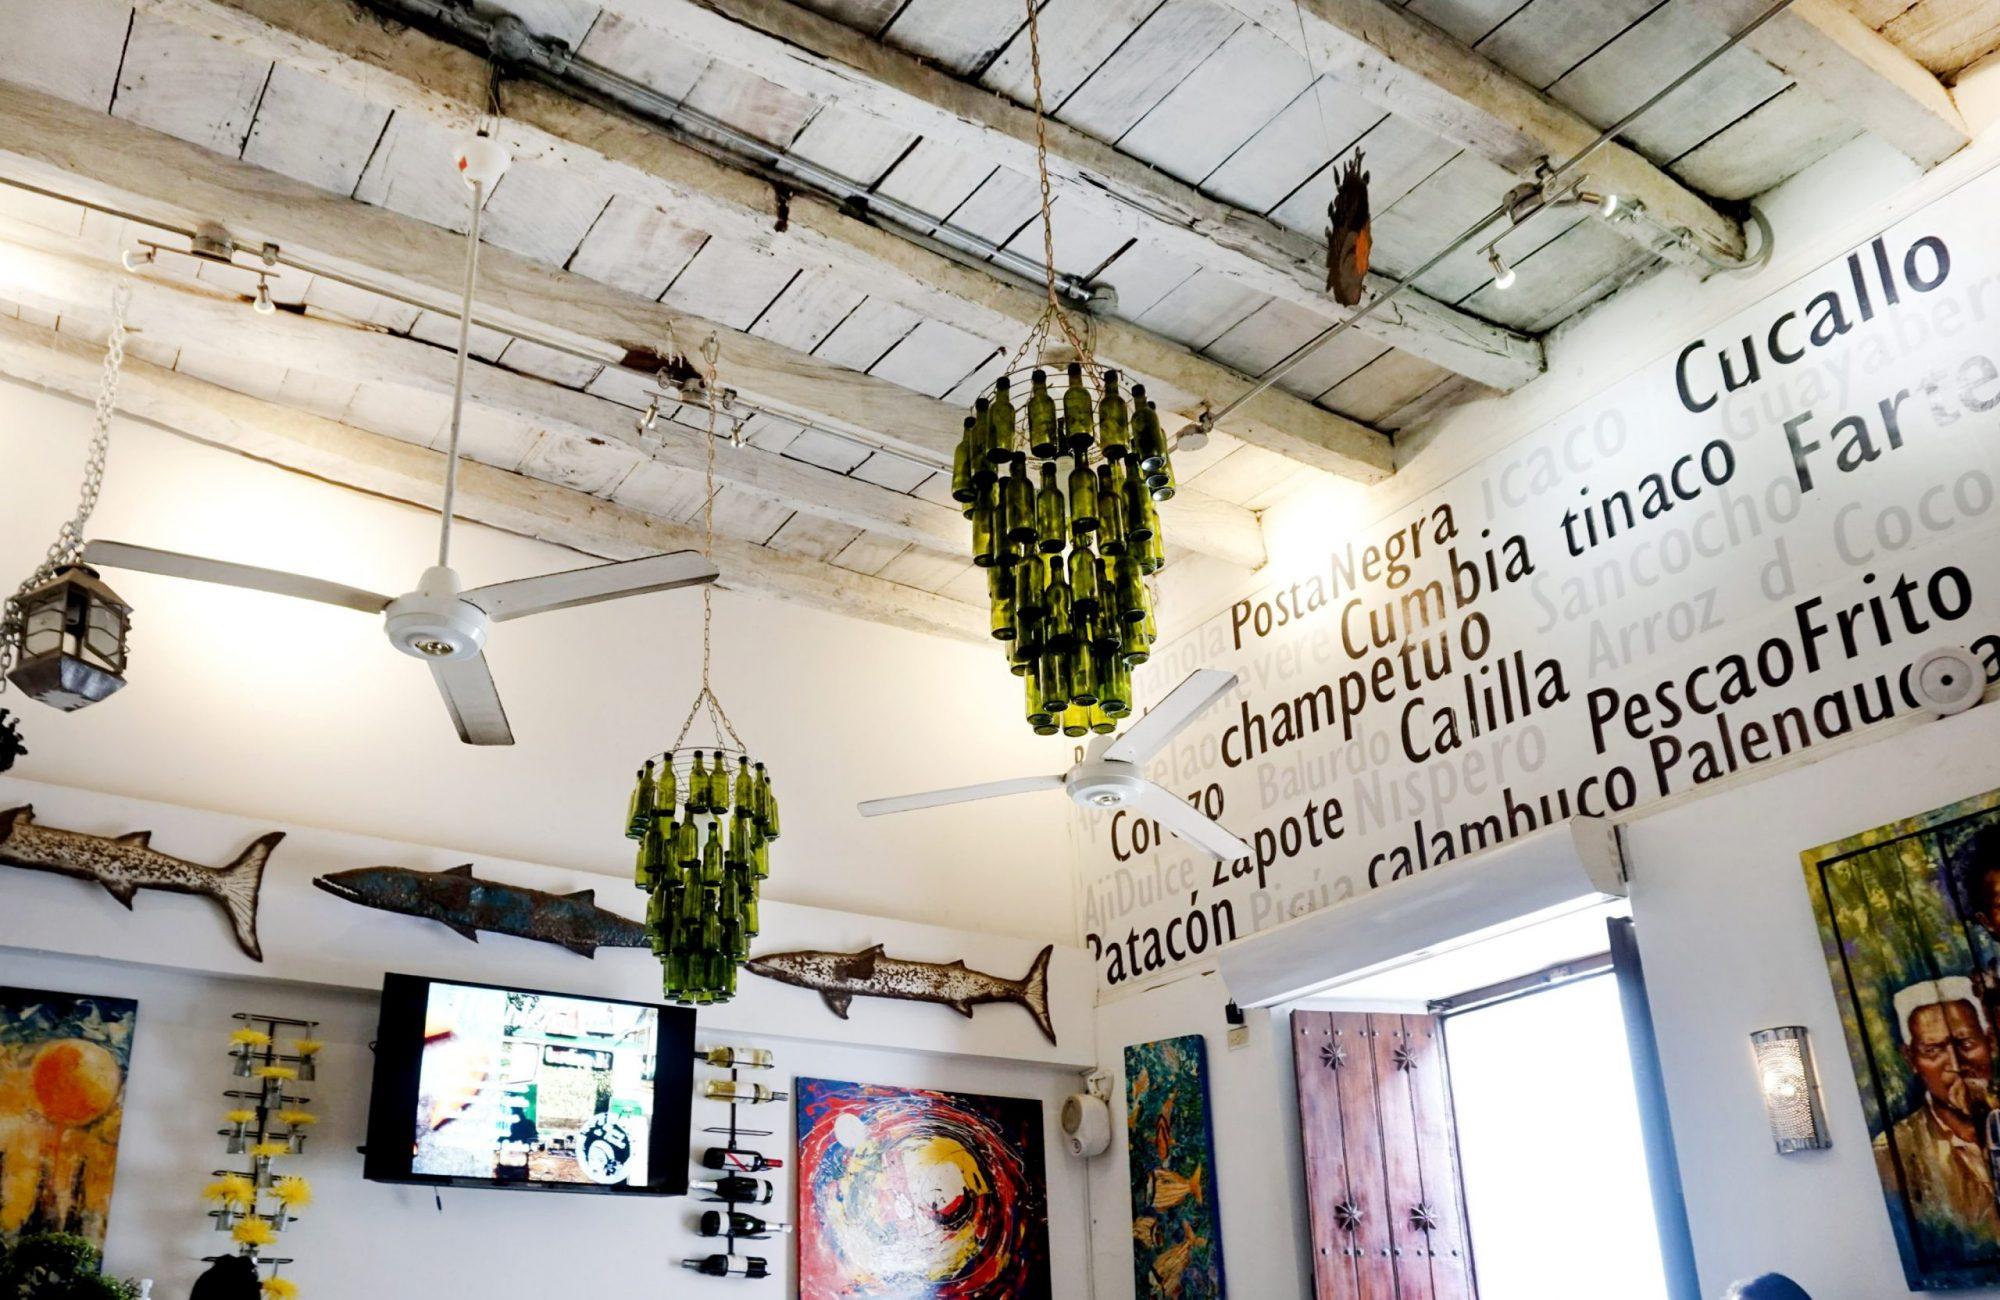 Restaurante La Mulata Cartagena Colombia